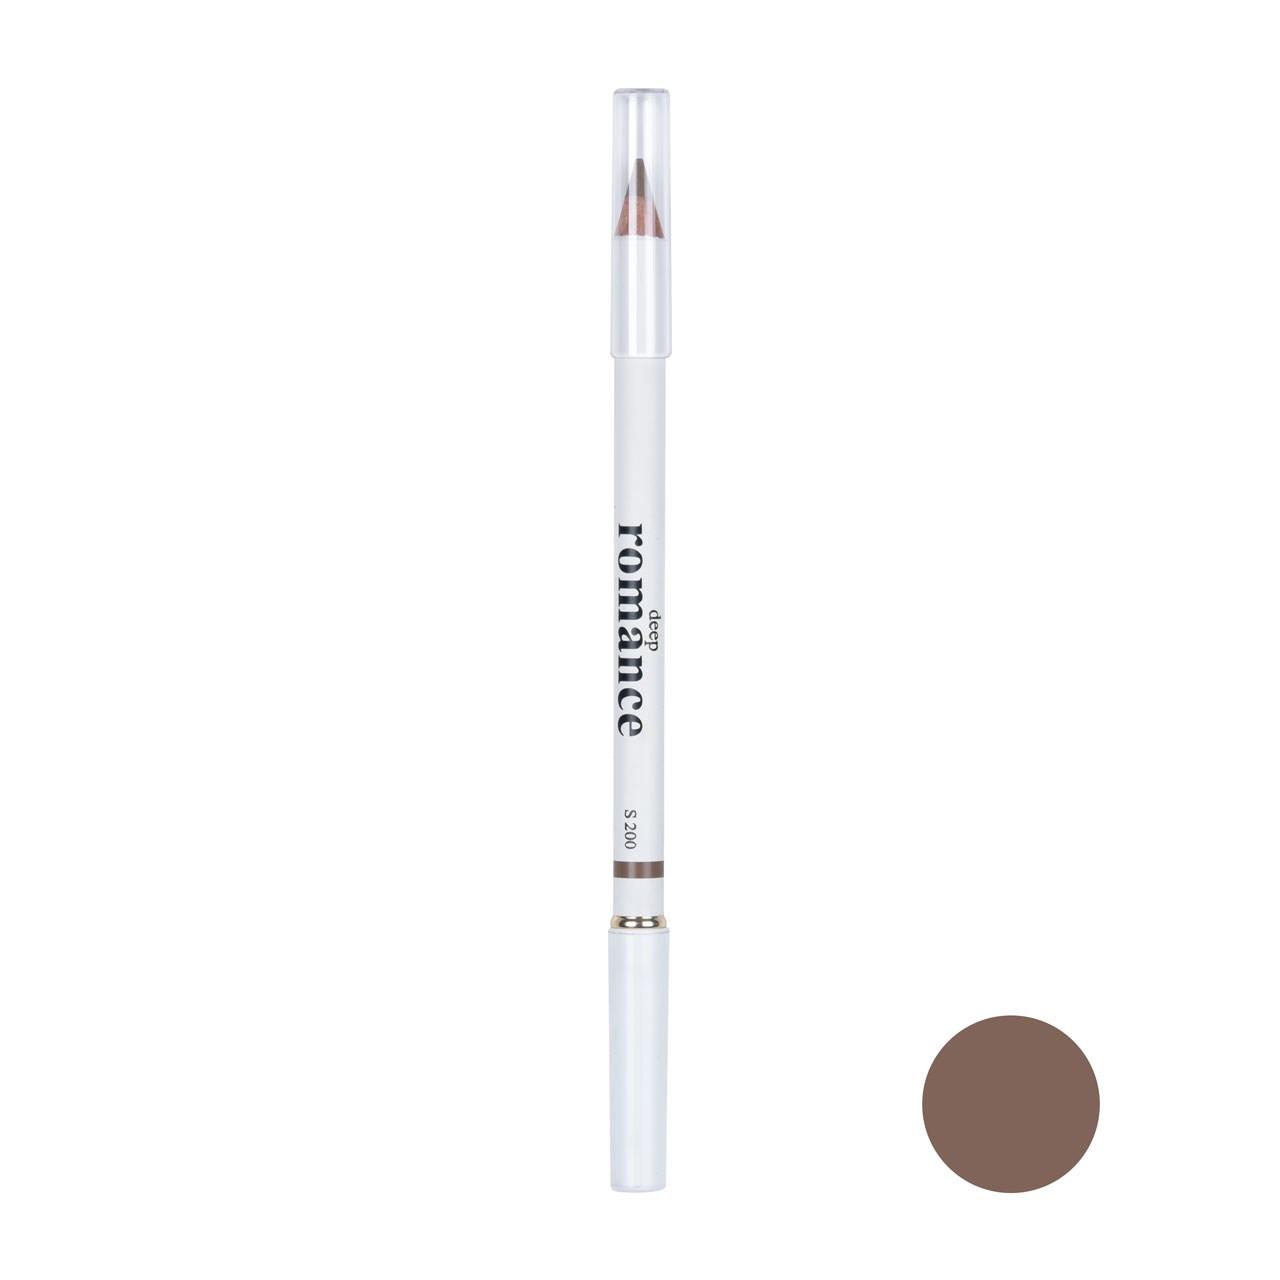 مداد ابرو دیپ رومانس مدل DR-07 شماره 200